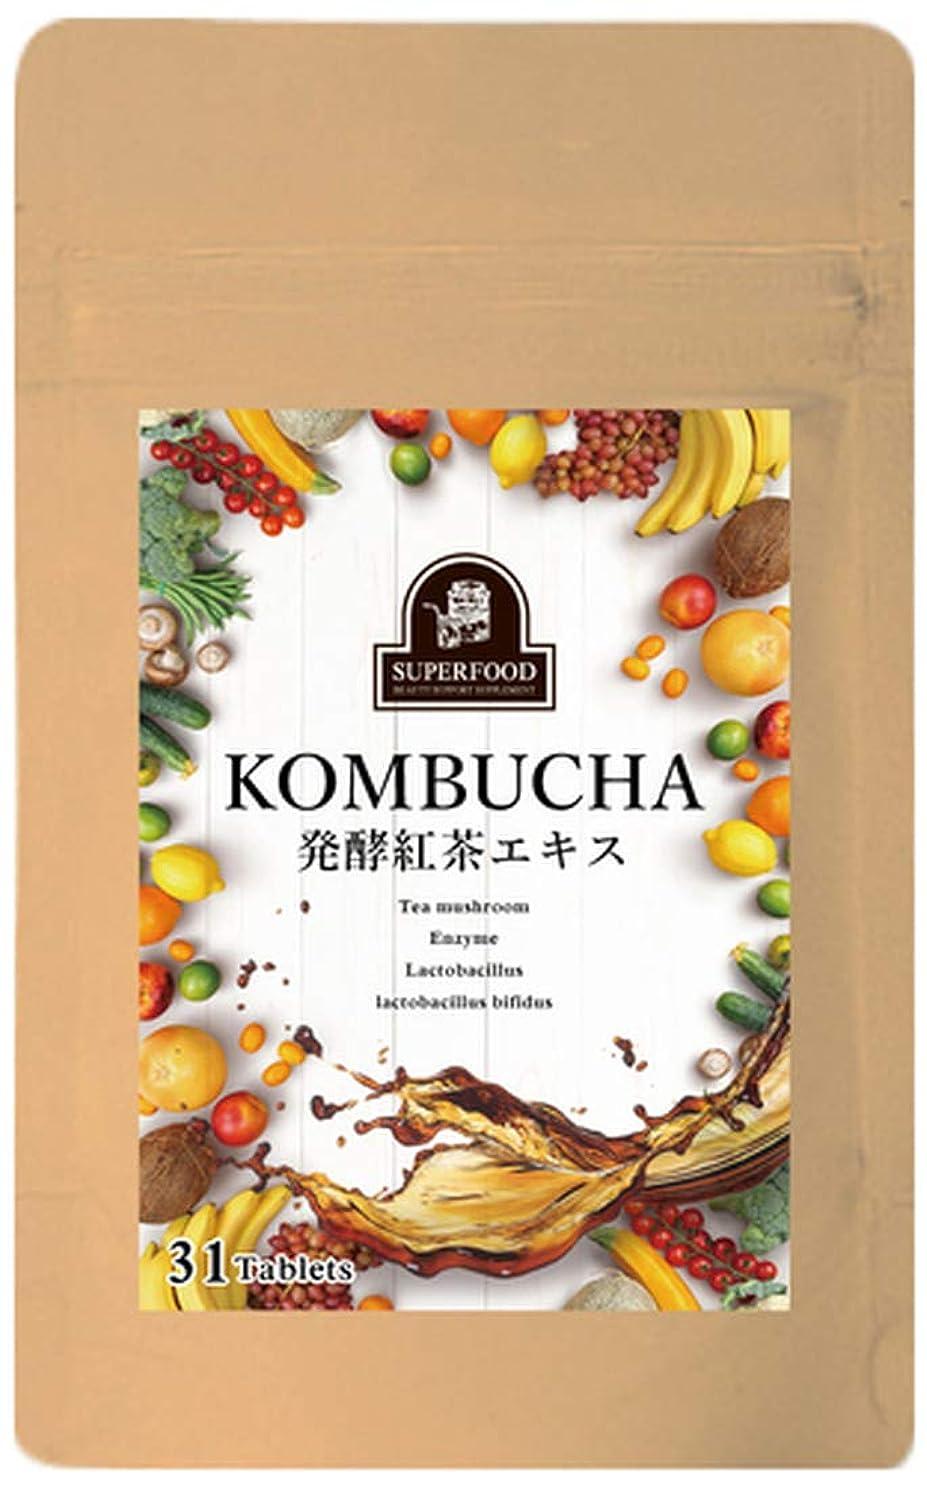 天皇ブリード恋人コンブチャ 発酵紅茶エキス (31日分) ダイエット サプリメント 生サプリ 生サプリメント 生酵素